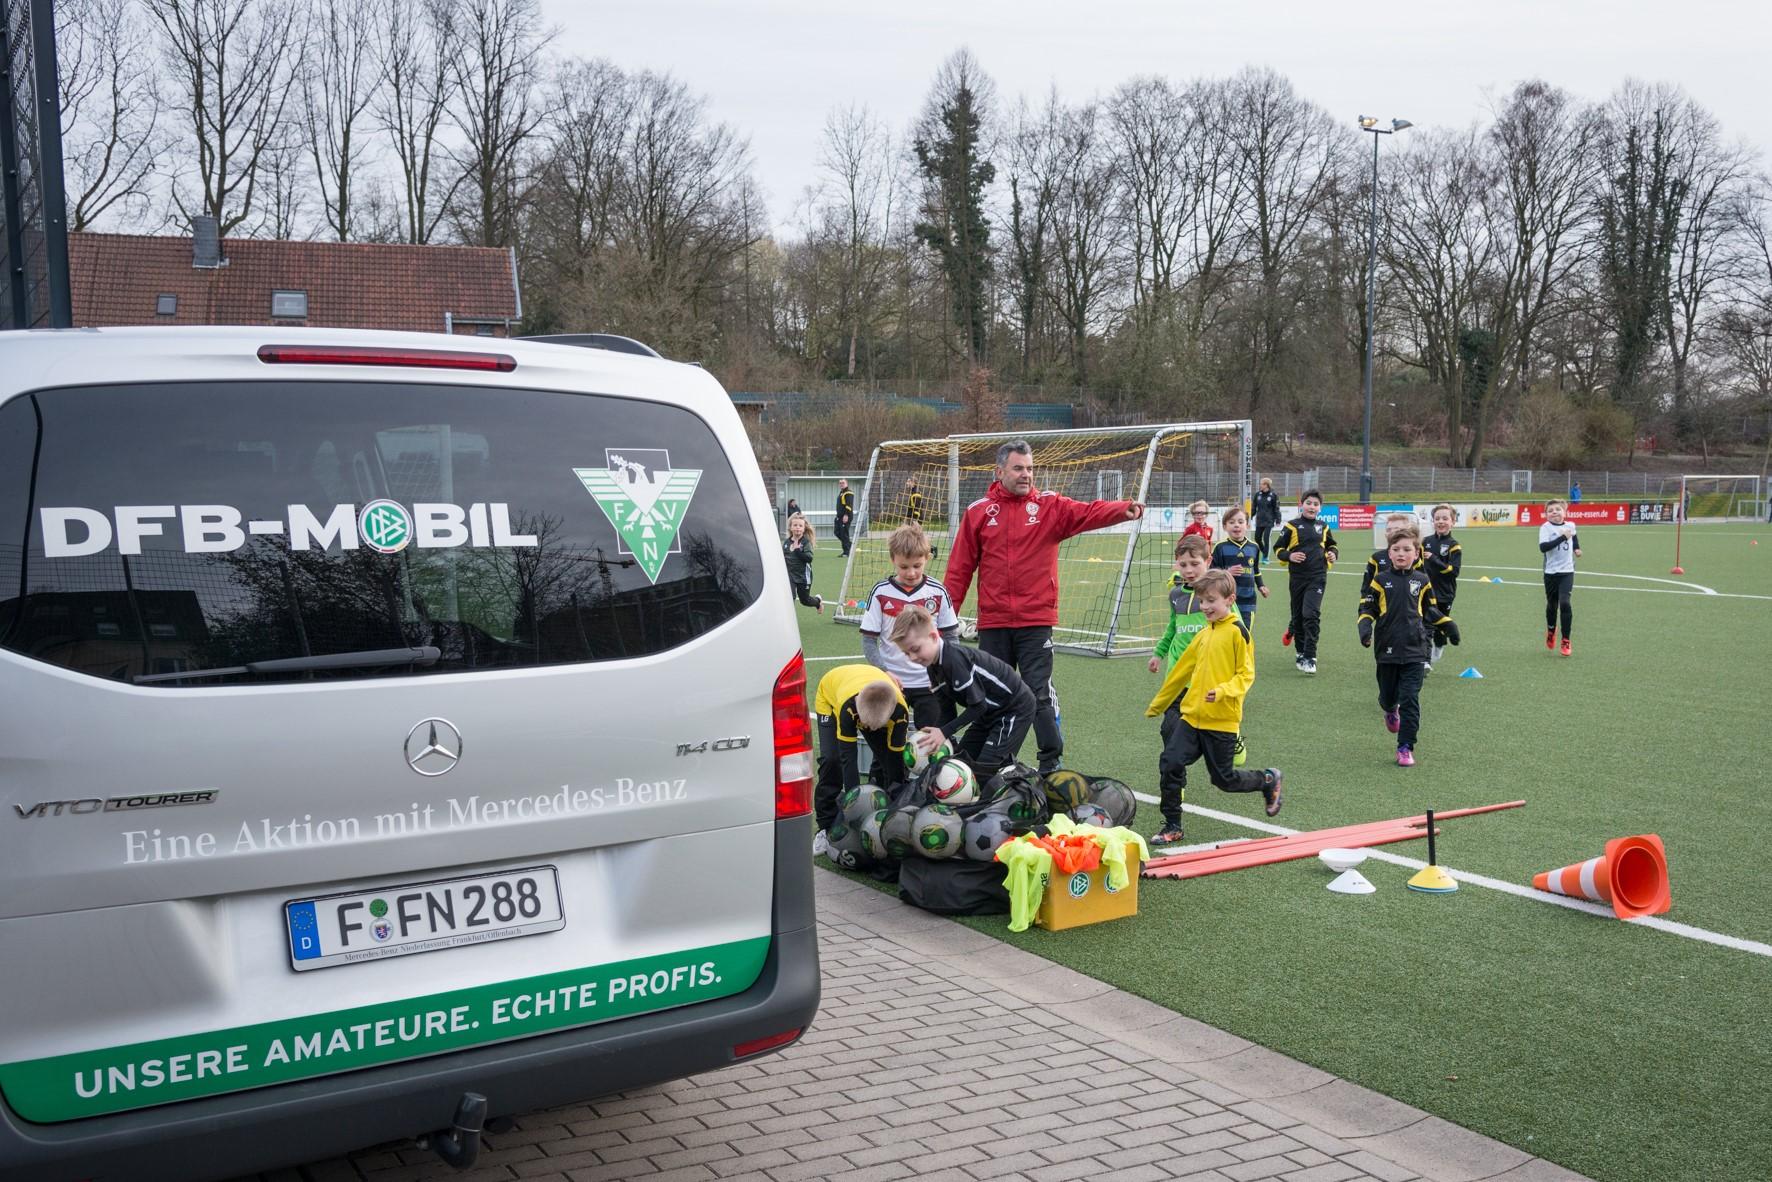 Das DFB-Mobil beim TuS - Bilder aus 2017 von Ralf Fröhlich